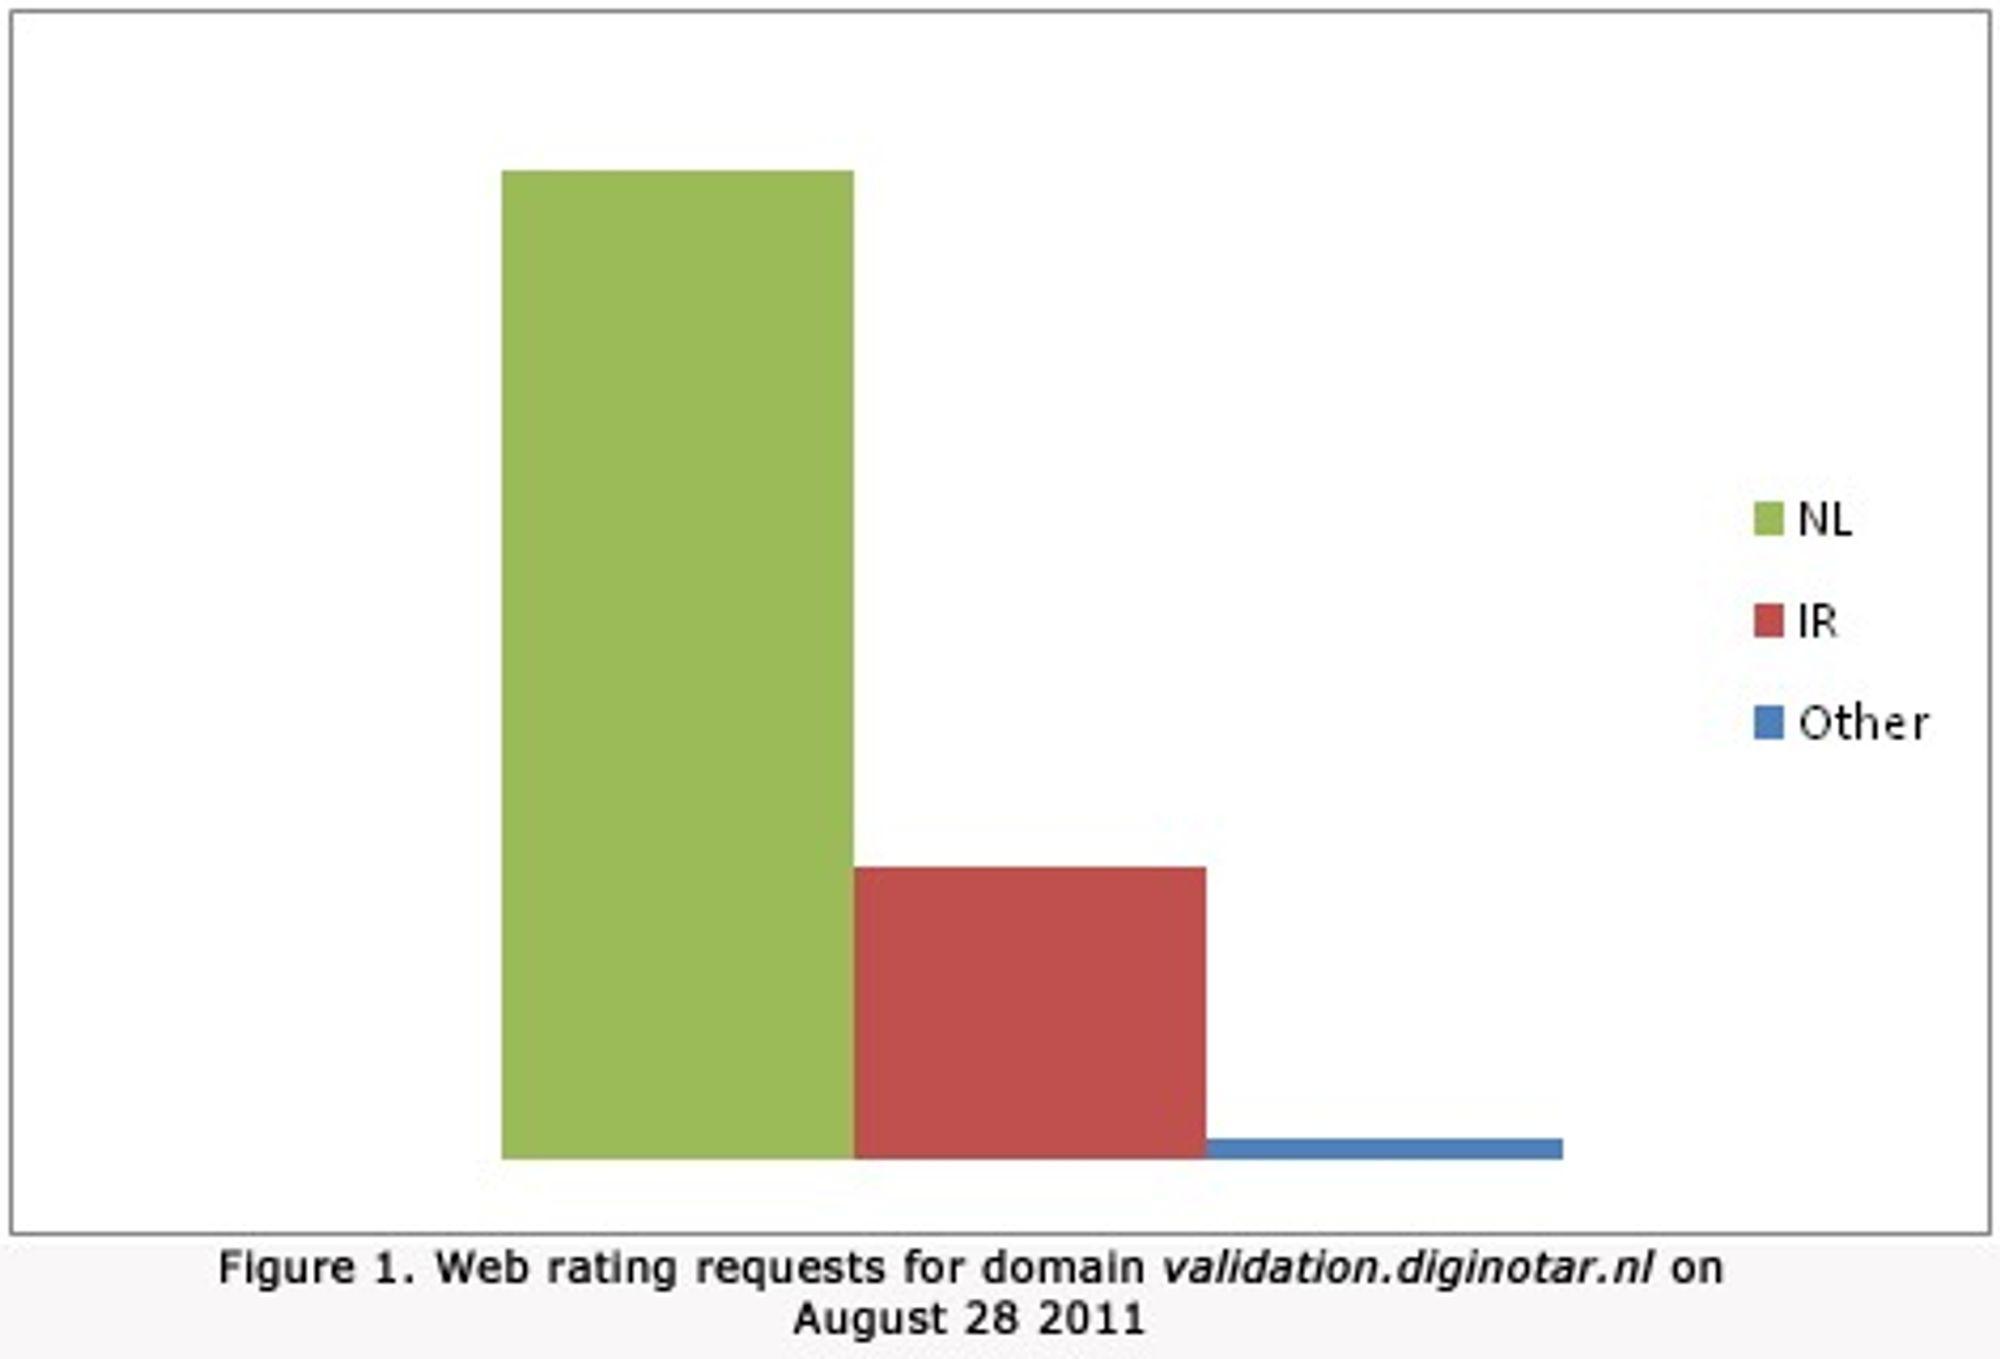 """En betydelig andel av """"web rating""""-forespørslene rettet til validation.diginotar.nl den 28. august 2011 stammet fra iranske nettbrukere."""